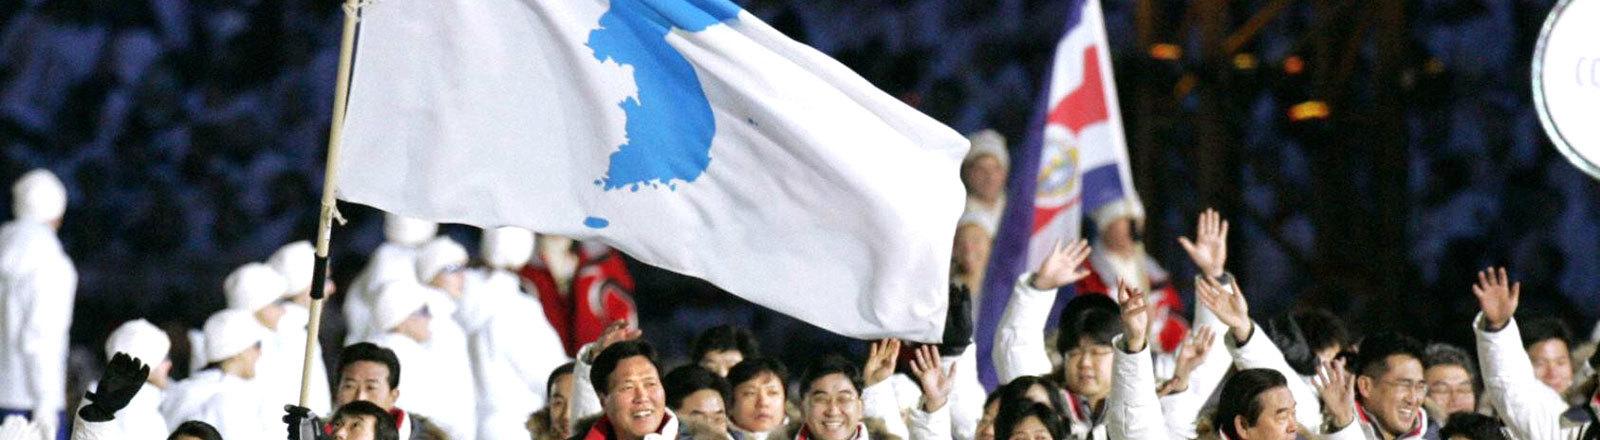 Sportler aus Süd- und Nordkorea bei den olypischen Winterspielen 2006 in Turin